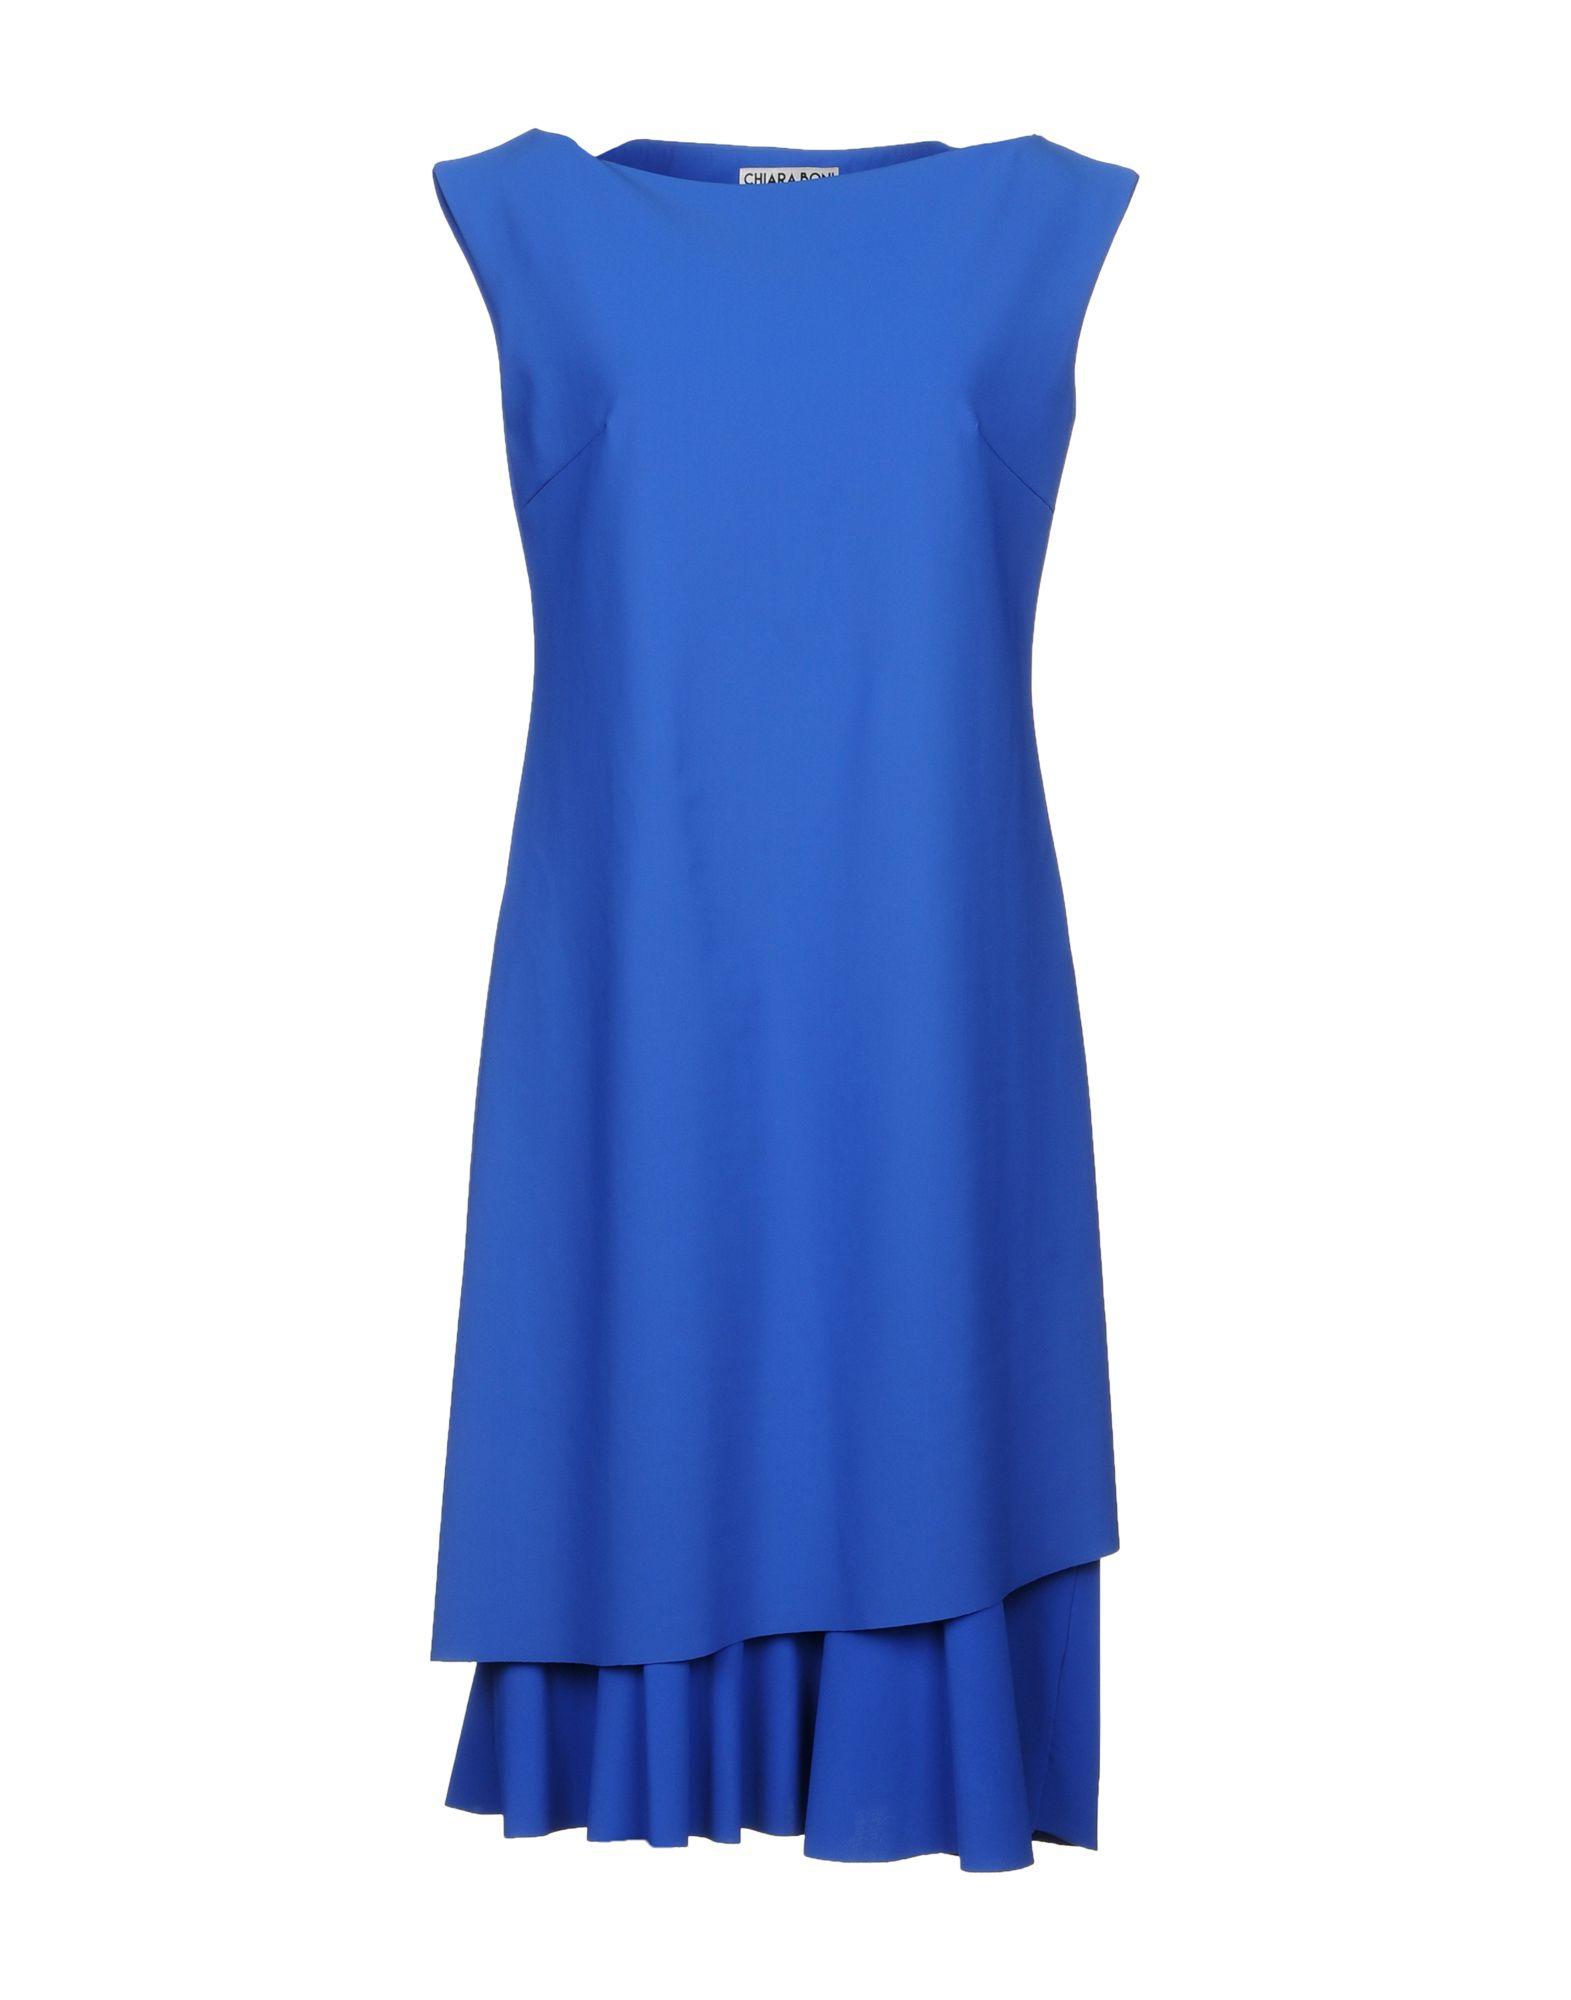 CHIARA BONI LA PETITE ROBE Короткое платье chiara boni la petite robe короткое платье